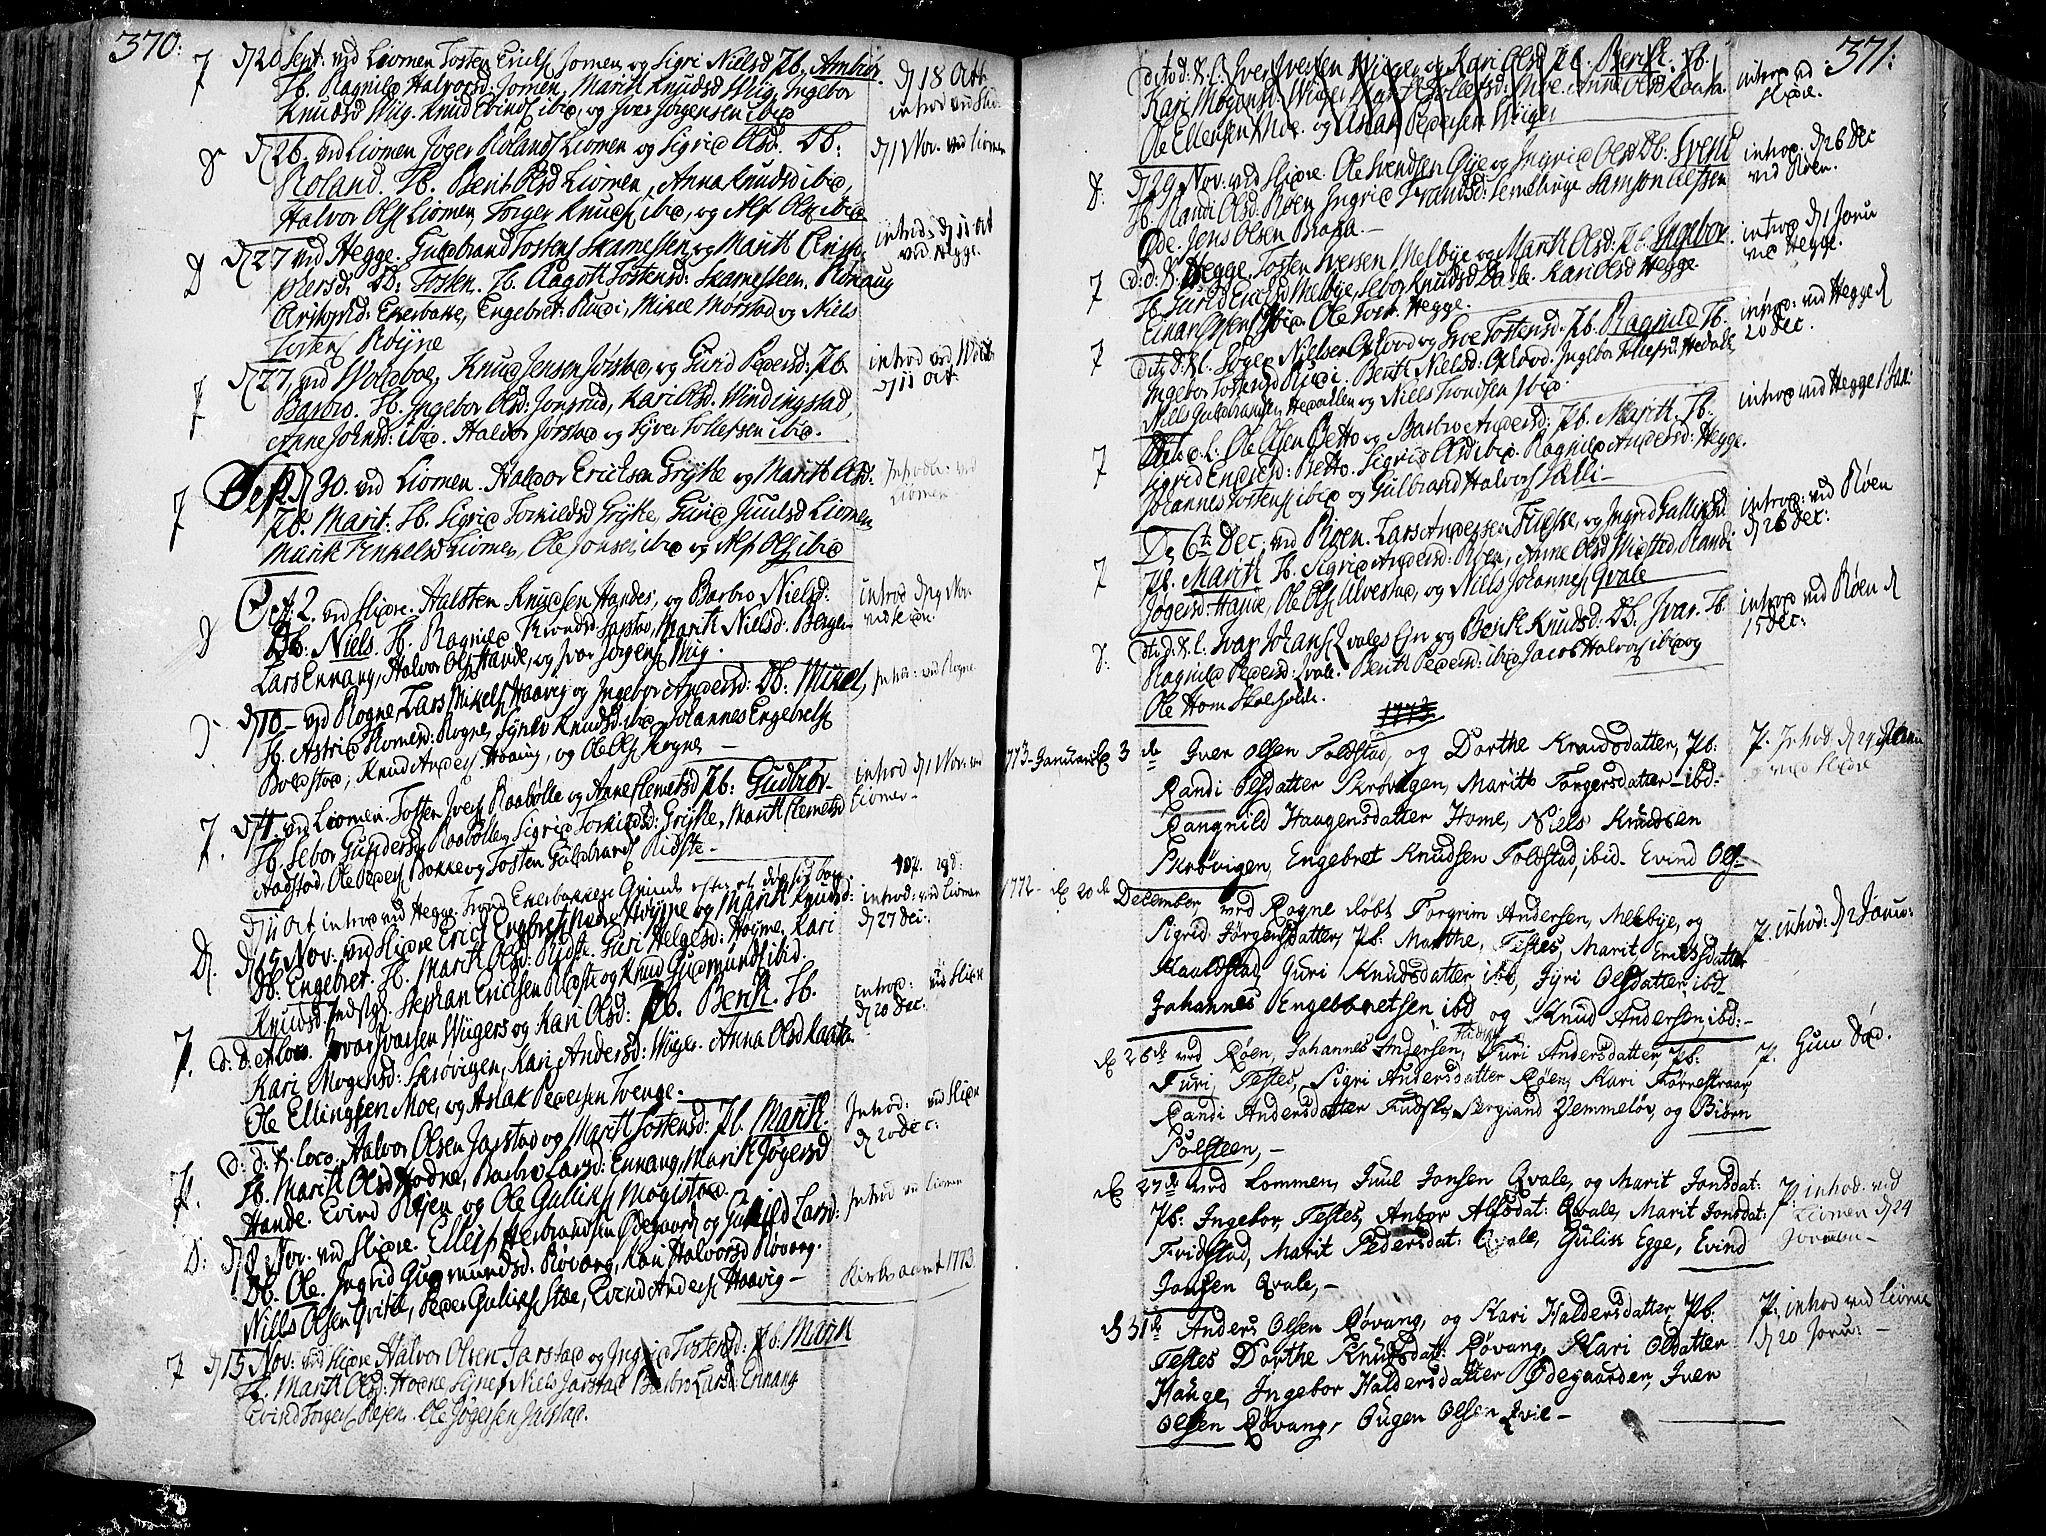 SAH, Slidre prestekontor, Ministerialbok nr. 1, 1724-1814, s. 370-371